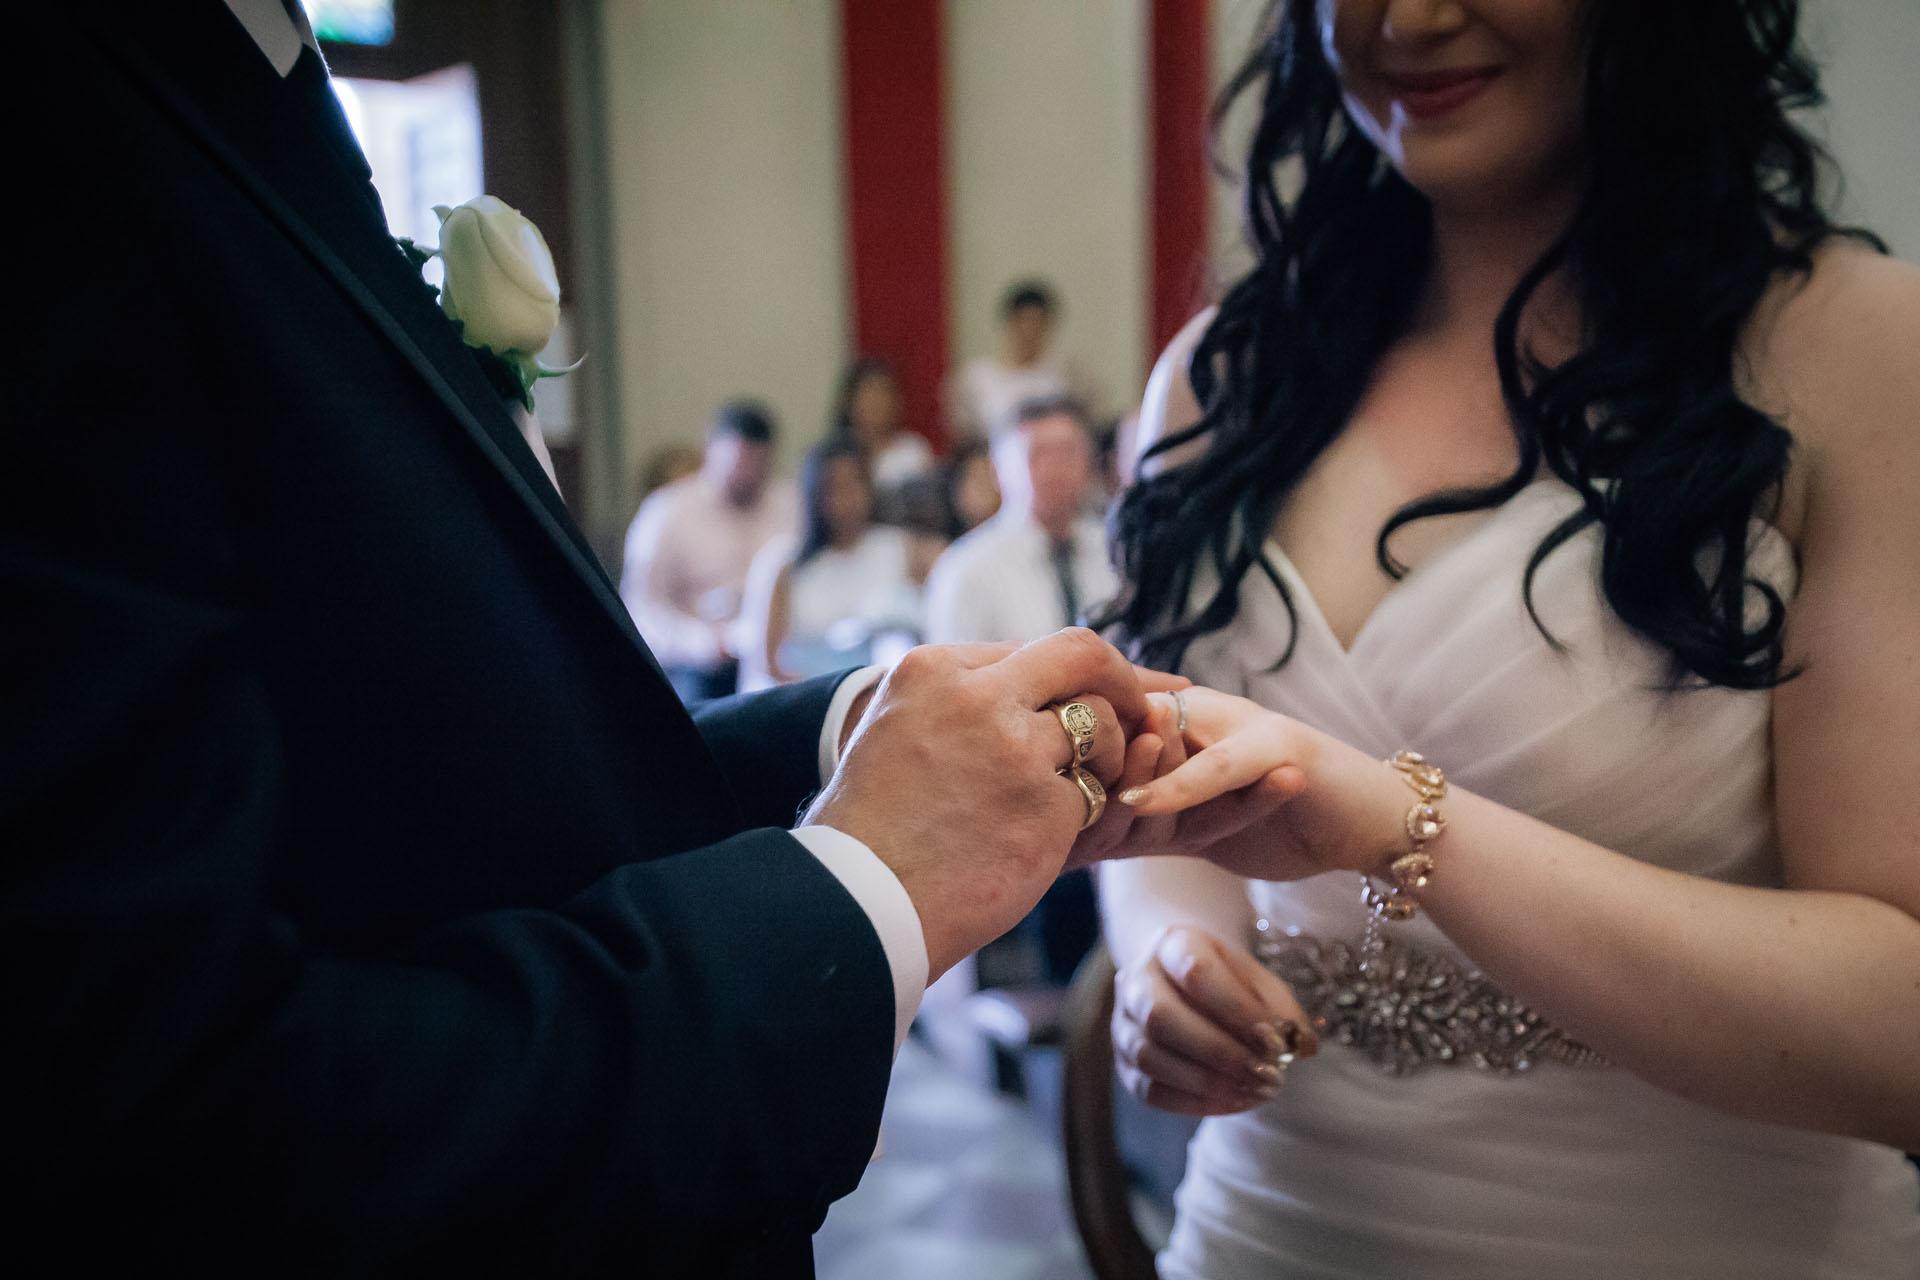 Jessica-Jason-Weddingdestination-Storytelling-Renato-Zanette-Fotografo-Convento-San-Francesco-Conegliano-Treviso-Veneto-Lo-Scambio-Degli-Anelli